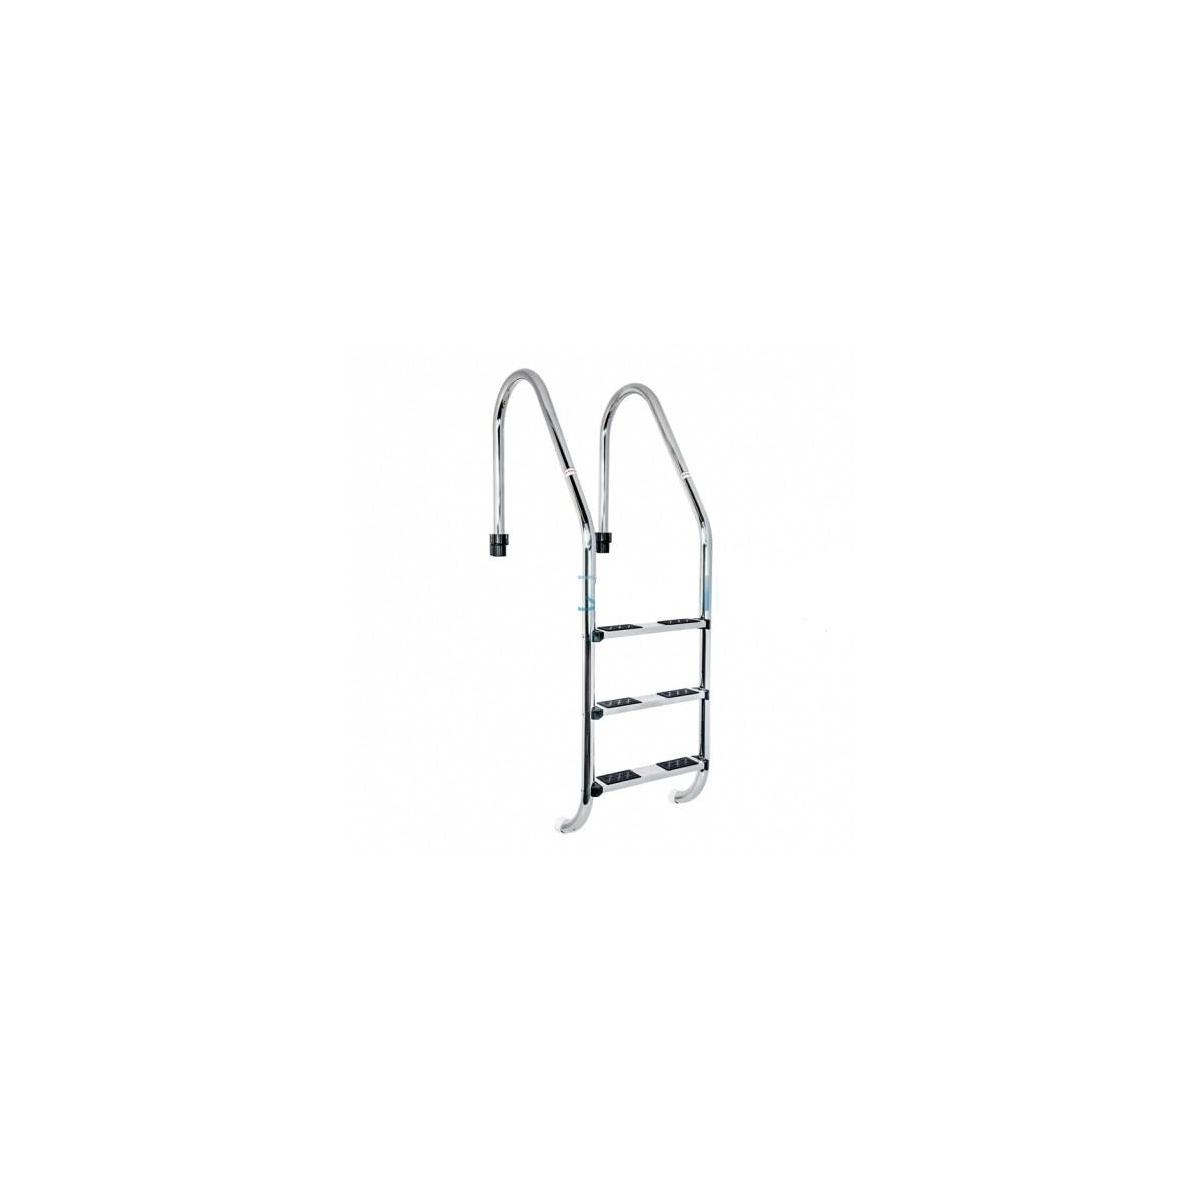 Escalera Standard AISI-304 2 peldaños antideslizante-Coral